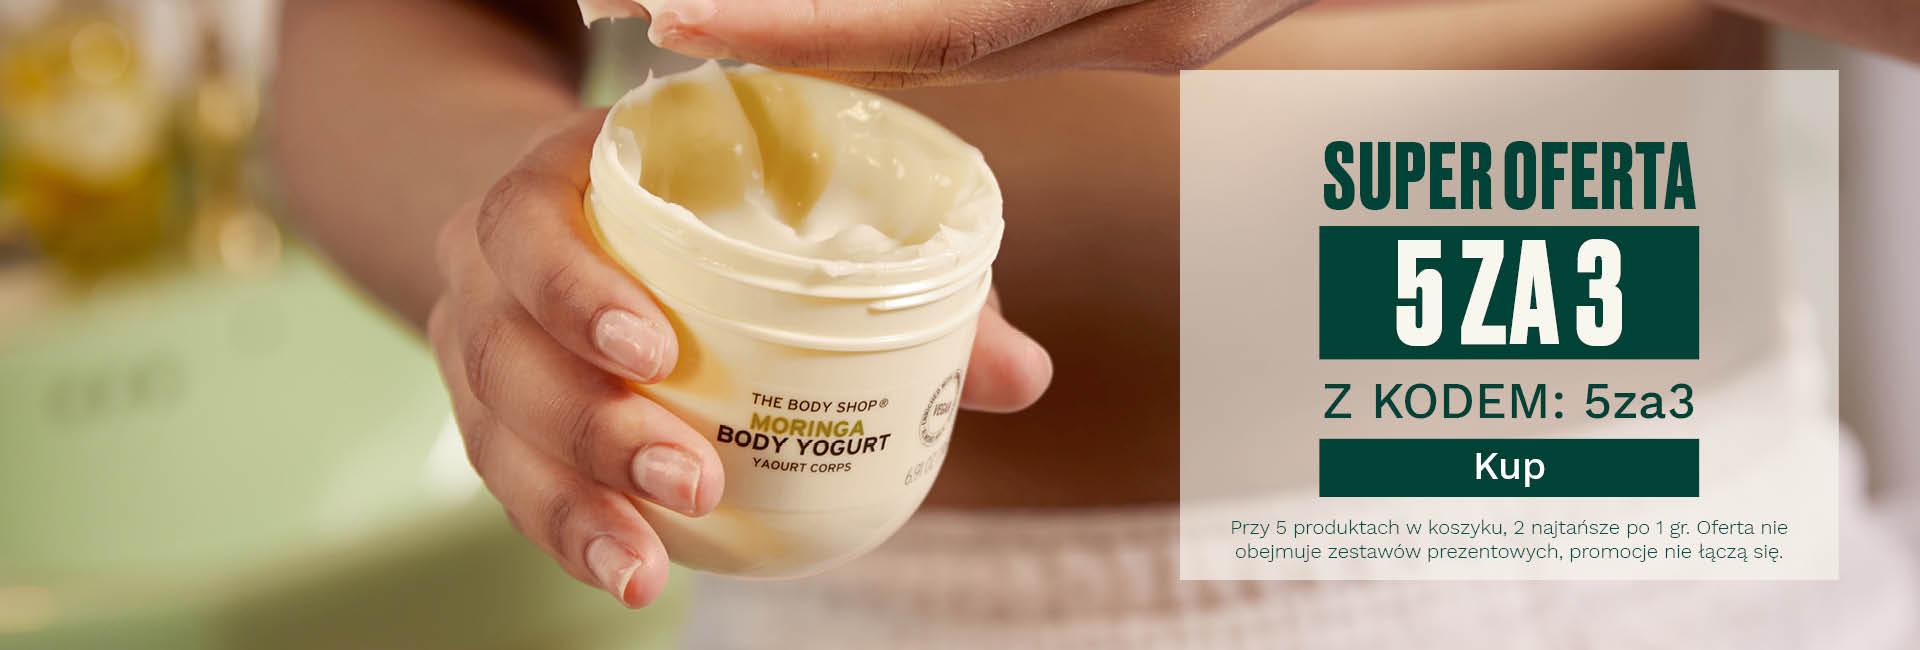 The Body Shop The Body Shop: przy zakupie 5 produktów 2 najtańsze otrzymasz po 1 grosz